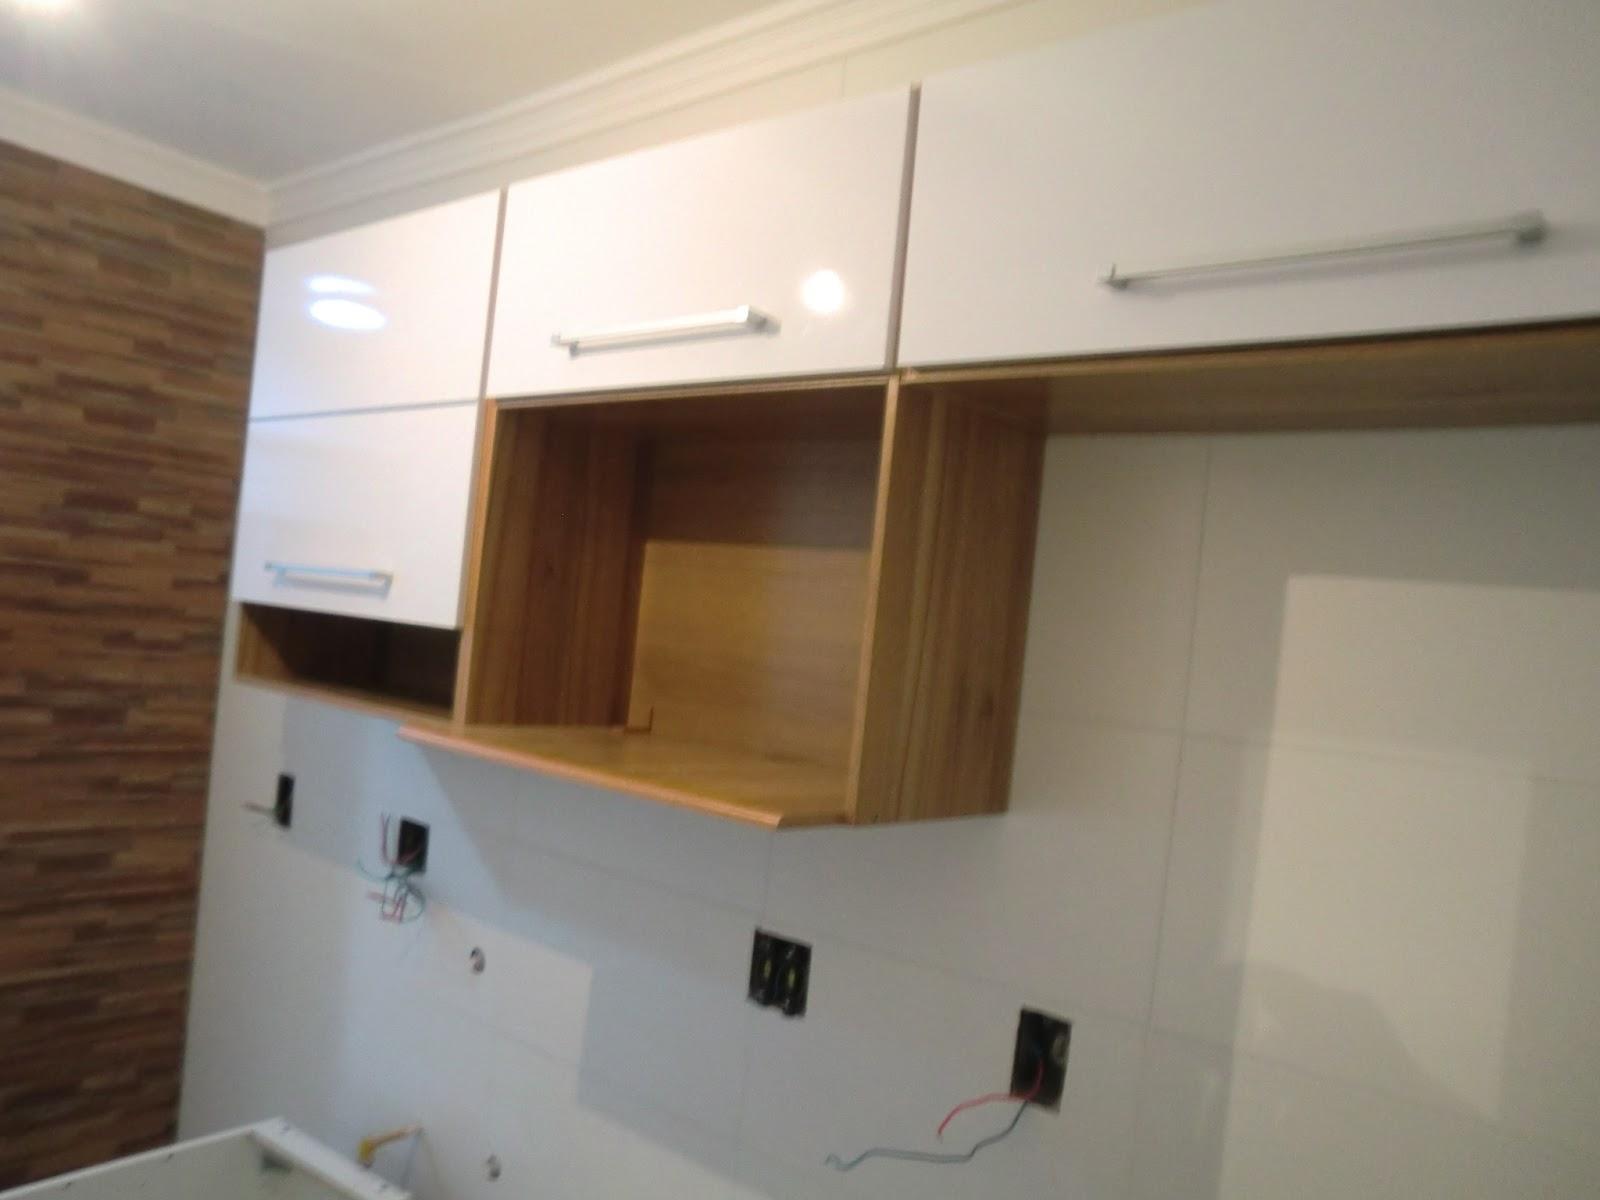 Cozinha reformada com moveis armarios prontos Bartira Casa e Reforma #8F663C 1600 1200